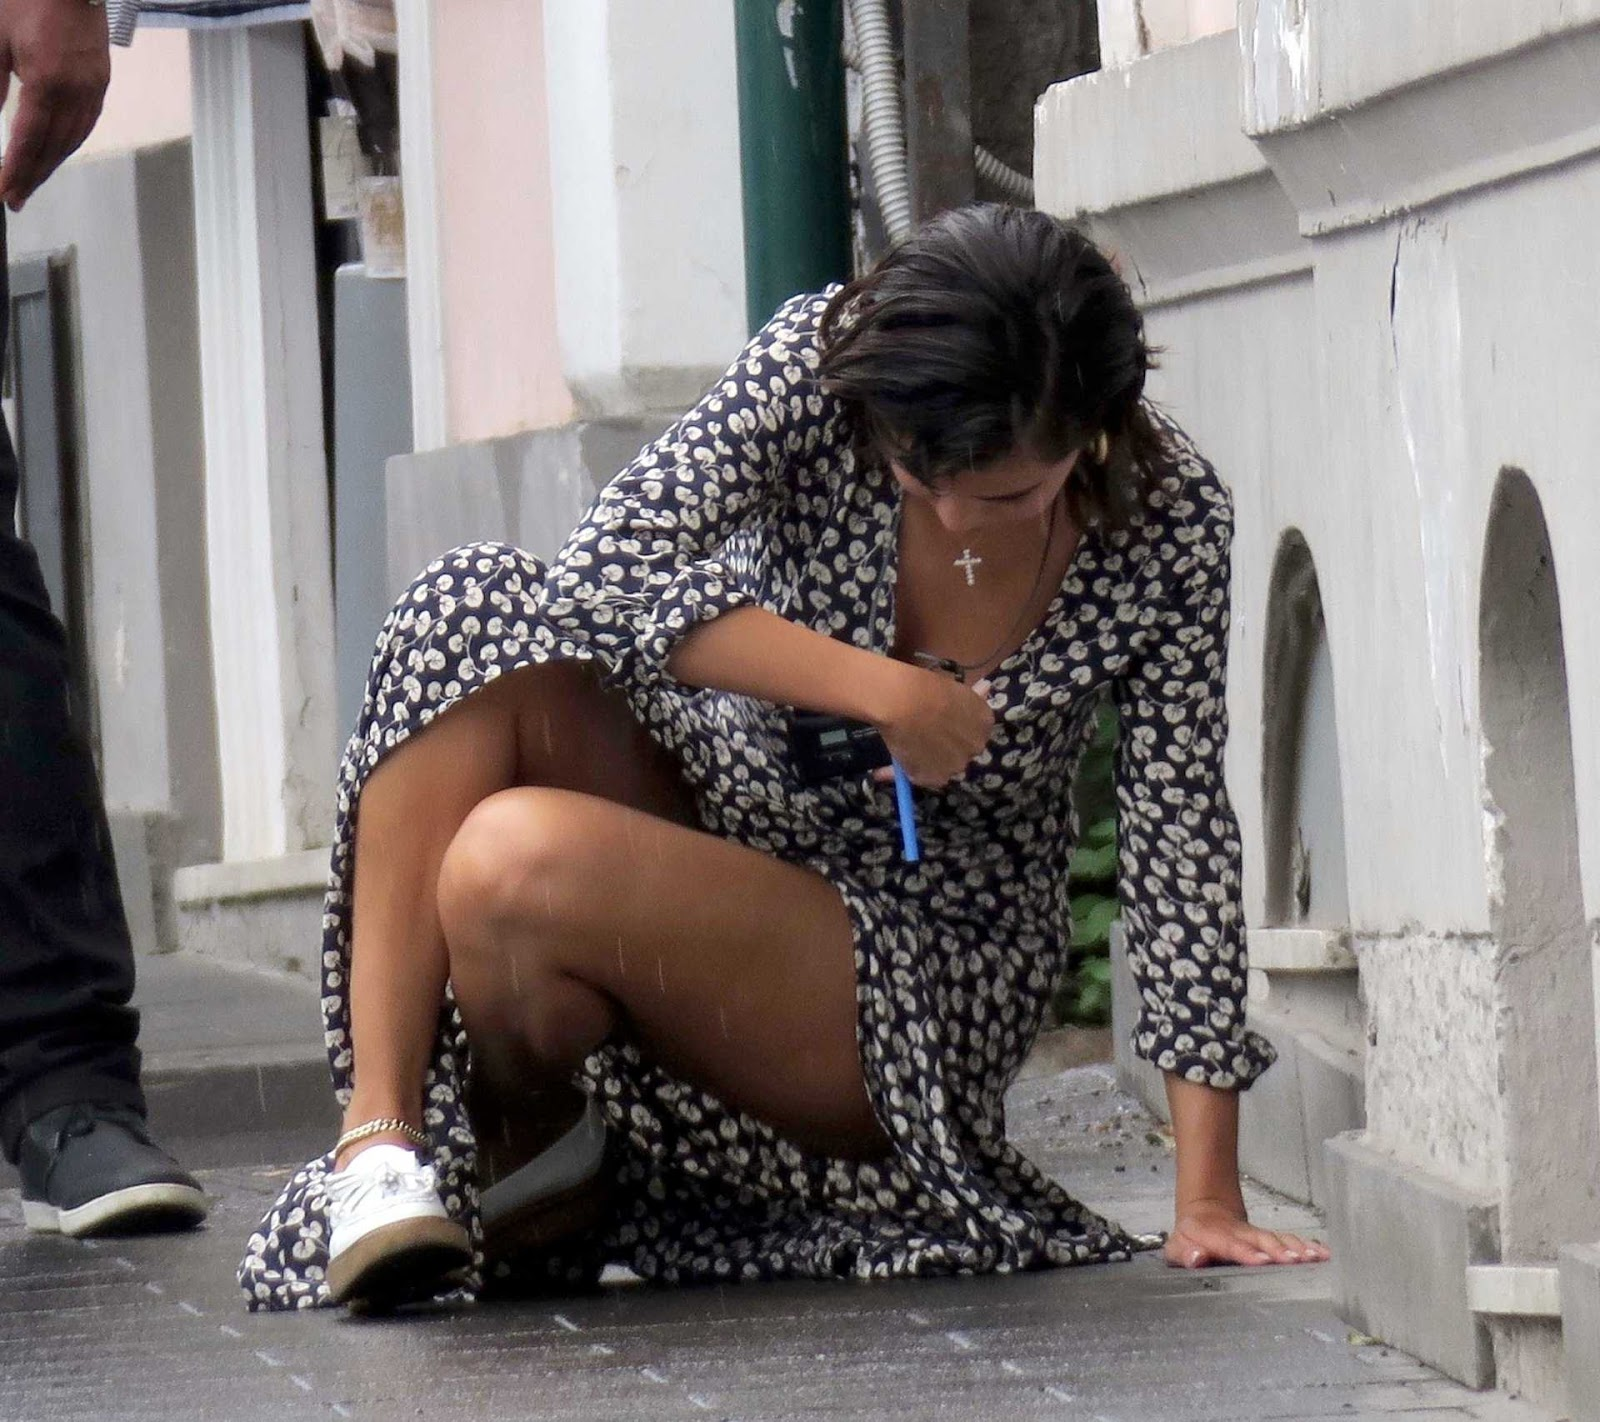 Selena Gomez Upskirt, Out in Capri - imagedesi.com